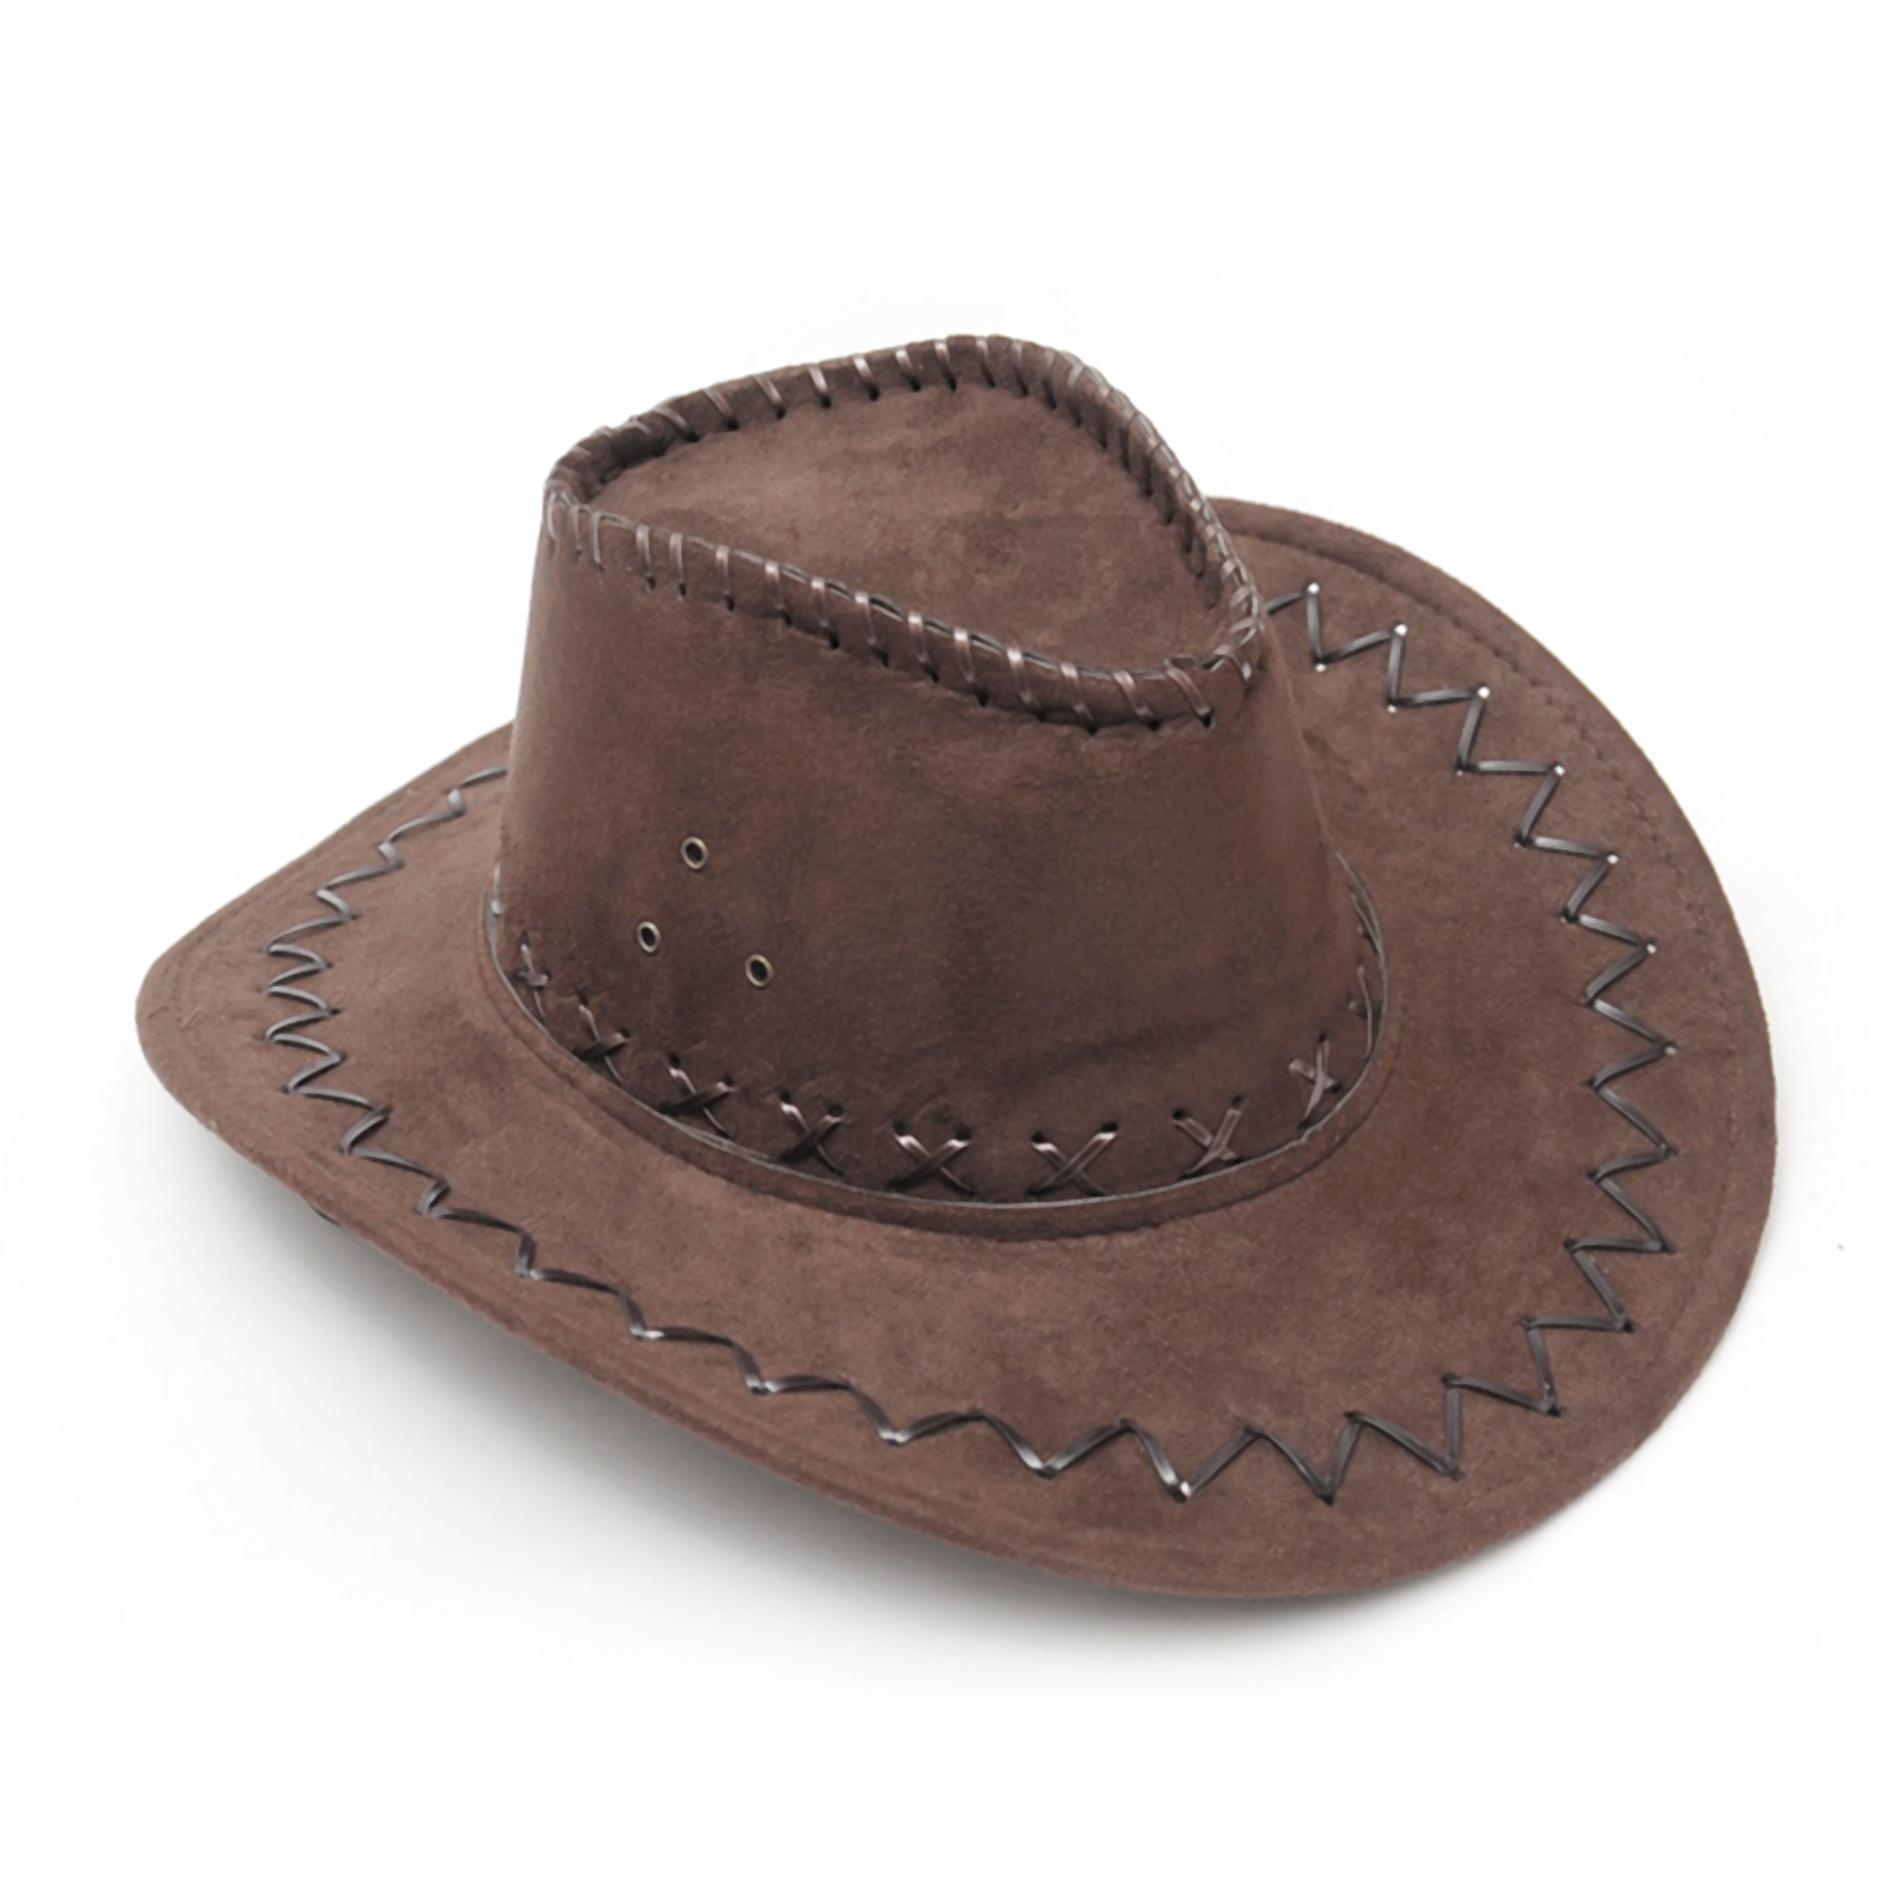 Dark Brown Western Cowboy Cowgirl Cattleman Hat for Kids Children Party Costume